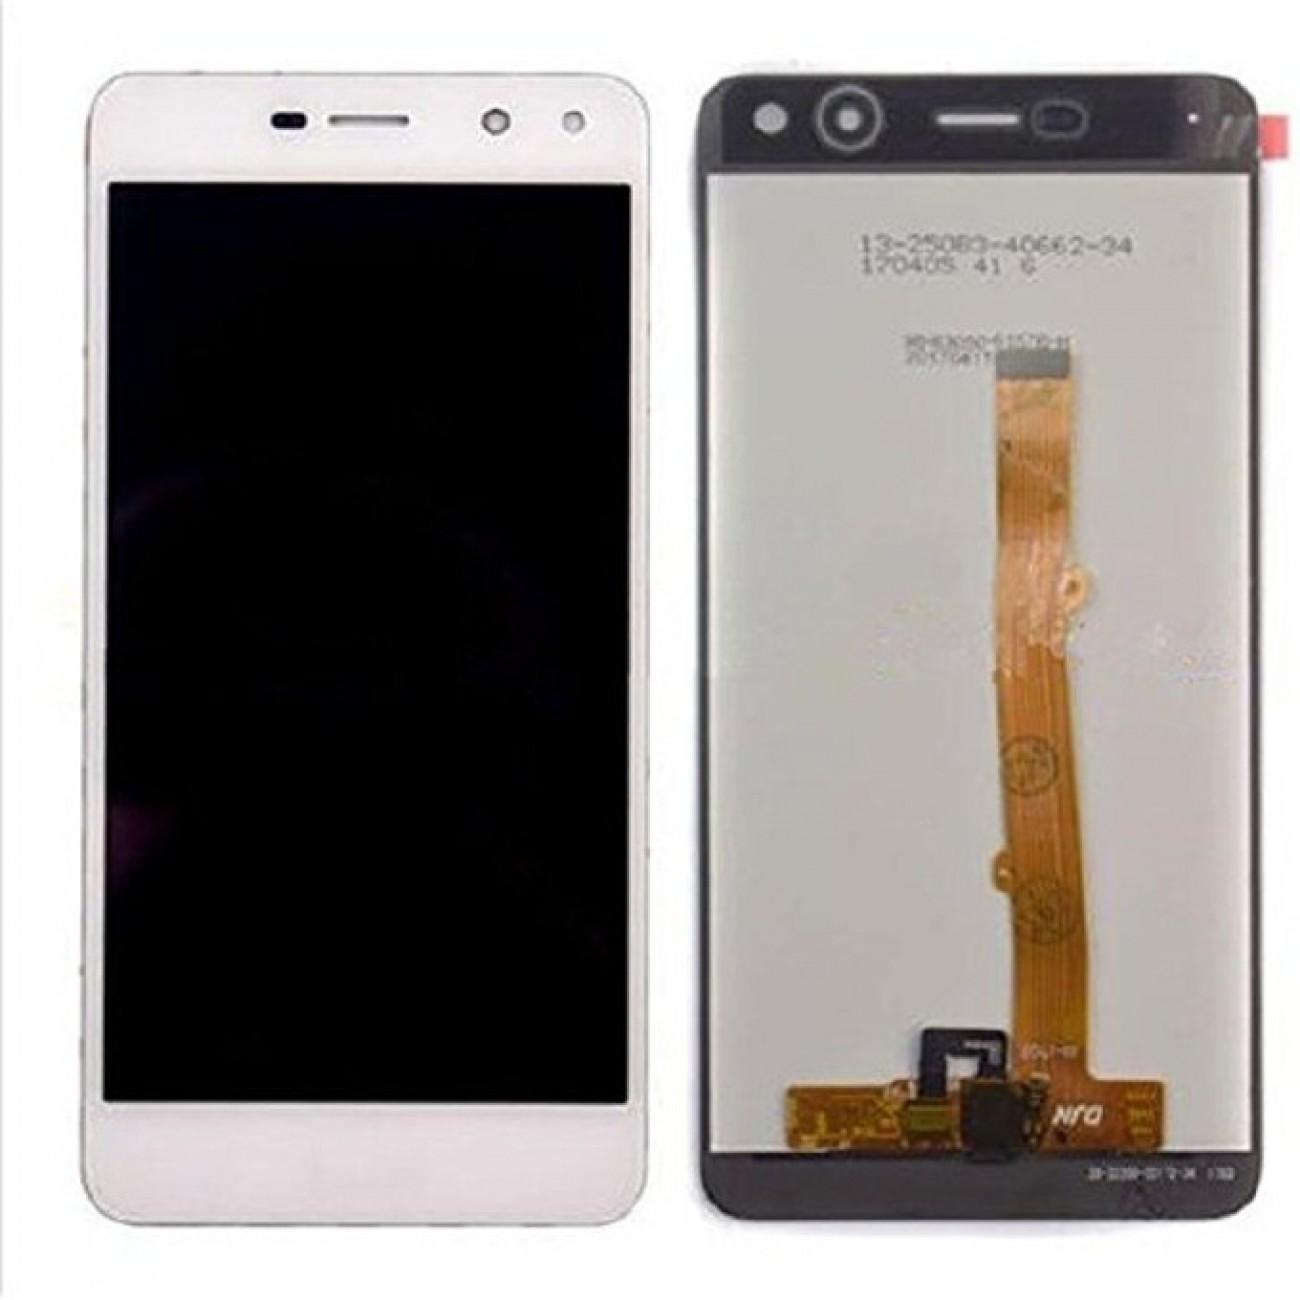 Дисплей за Huawei Y5 2017 / Y6 2017 LCD, с тъч, бял в Резервни части -    Alleop